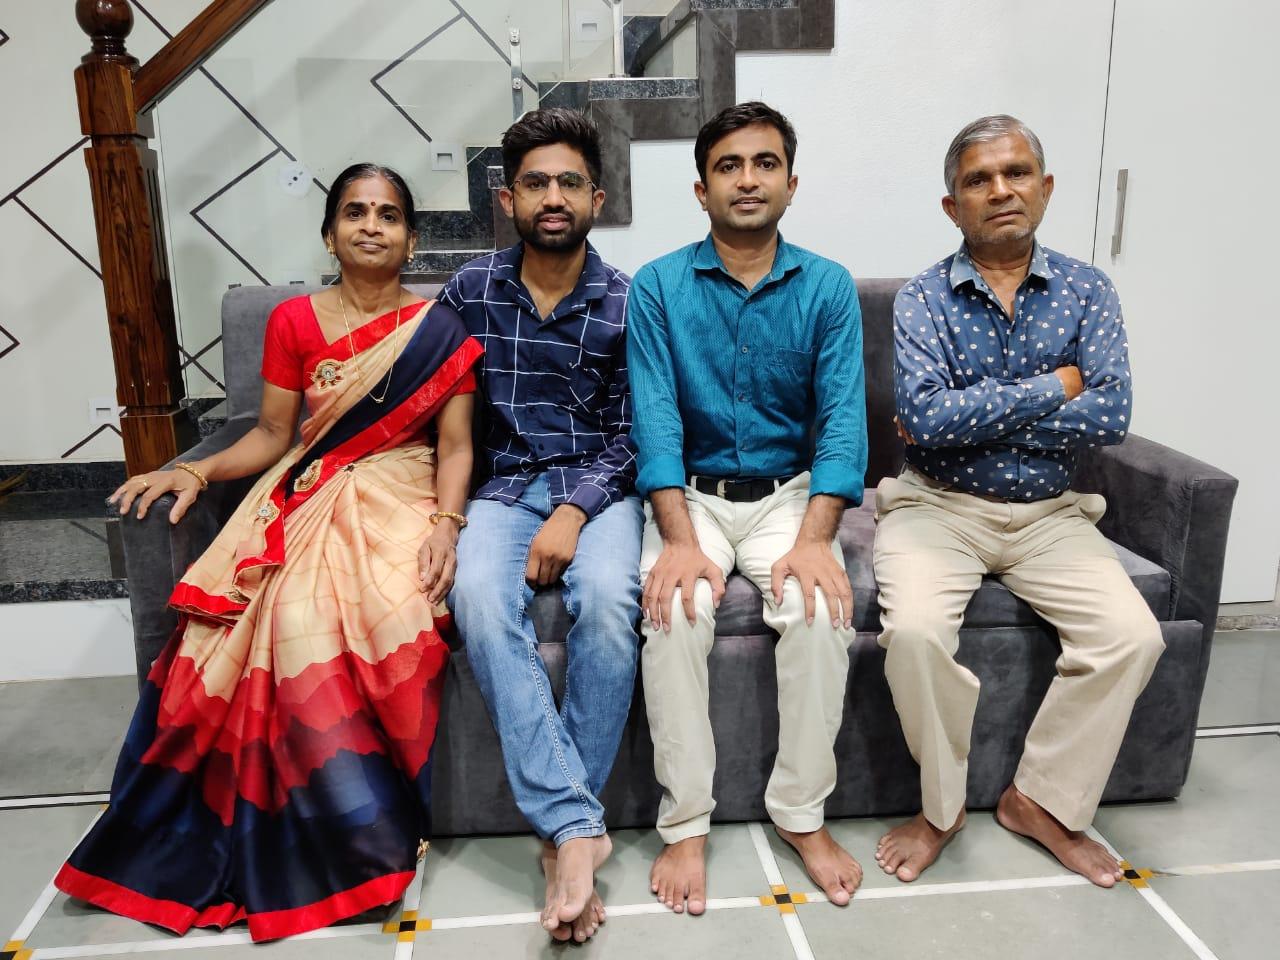 टीएसपी की आरएएस सूची में चर्चित सबसे अव्वल, एसटी (टीएसपी) में दीपिका कटारा ने बाजी मारी, बांसवाड़ा की सूची में सामने आए सात नाम|बांसवाड़ा,Banswara - Dainik Bhaskar